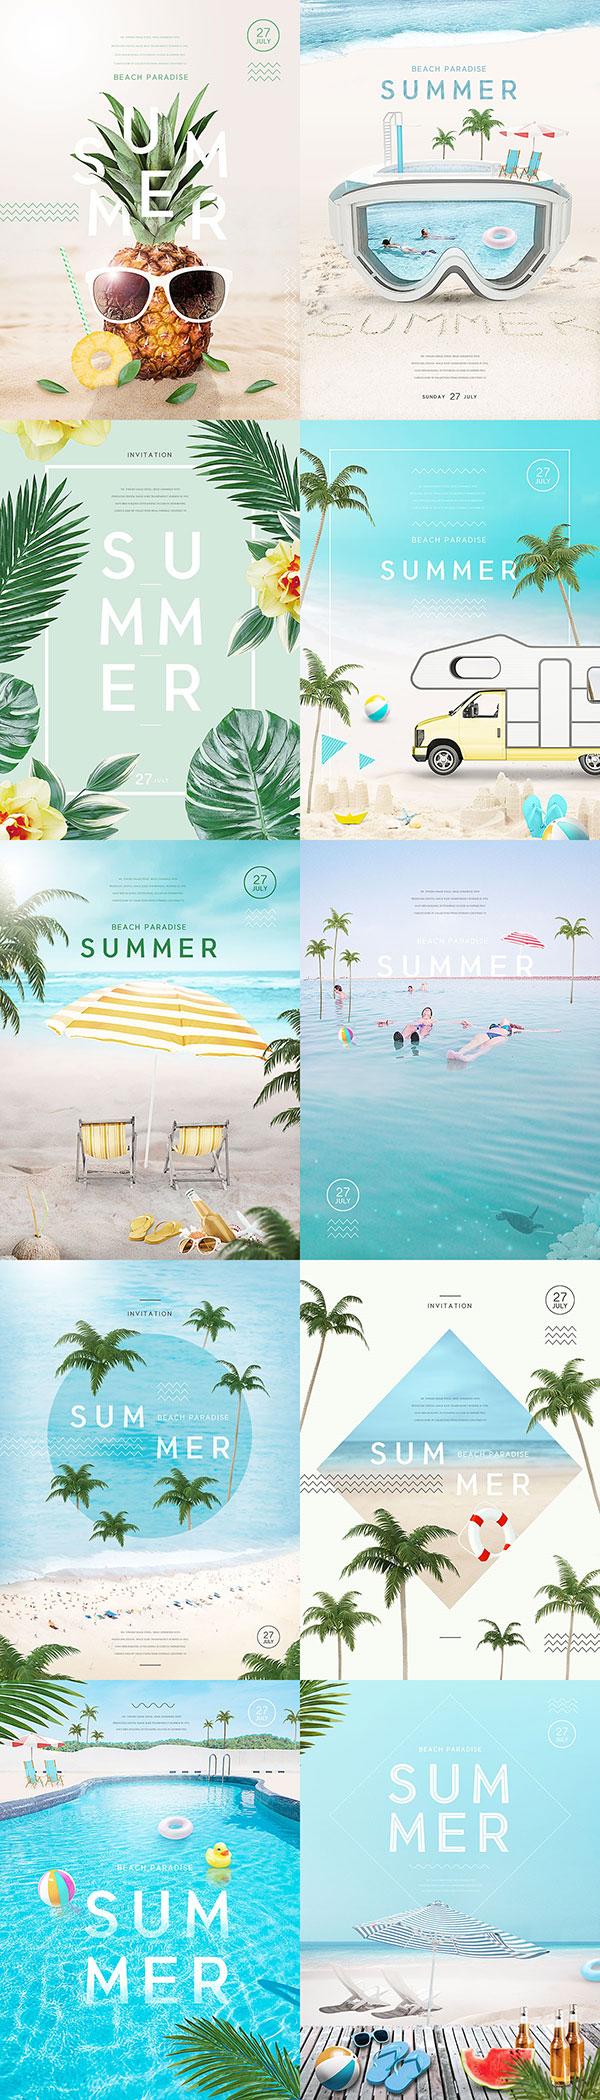 夏季休闲主题海报